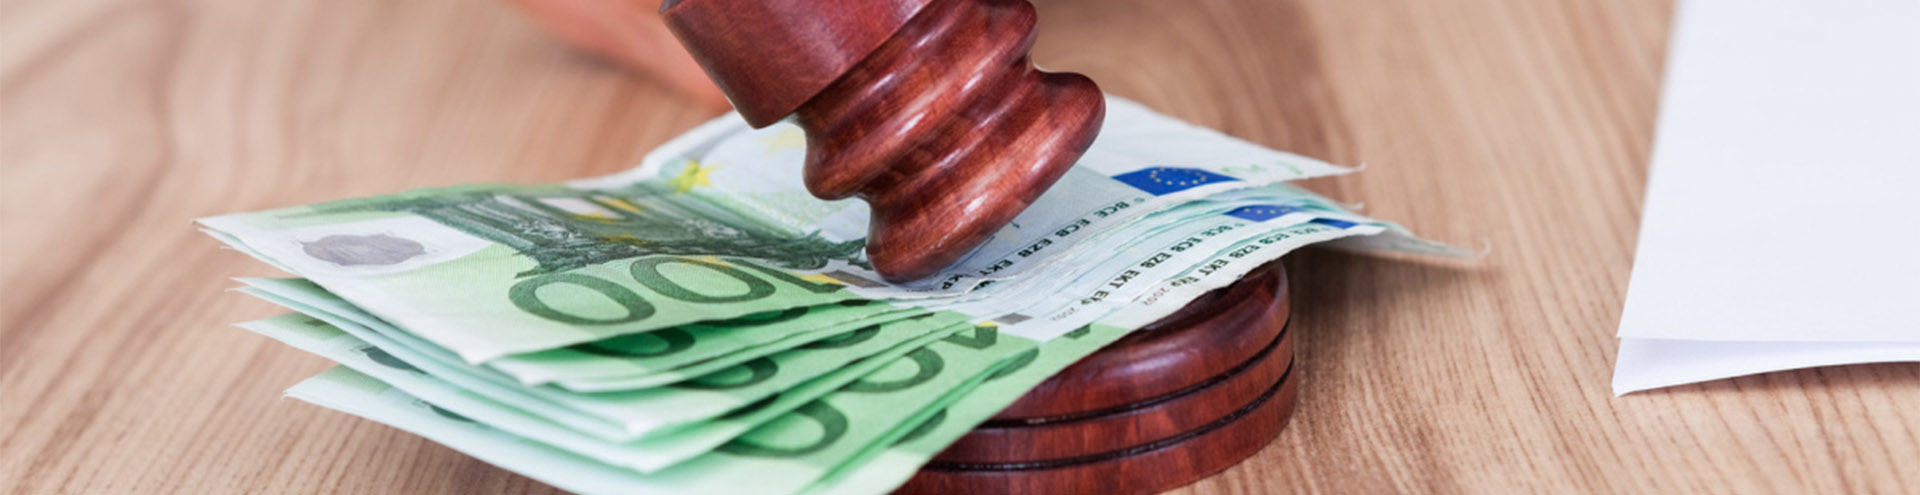 судебные расходы в Астрахани